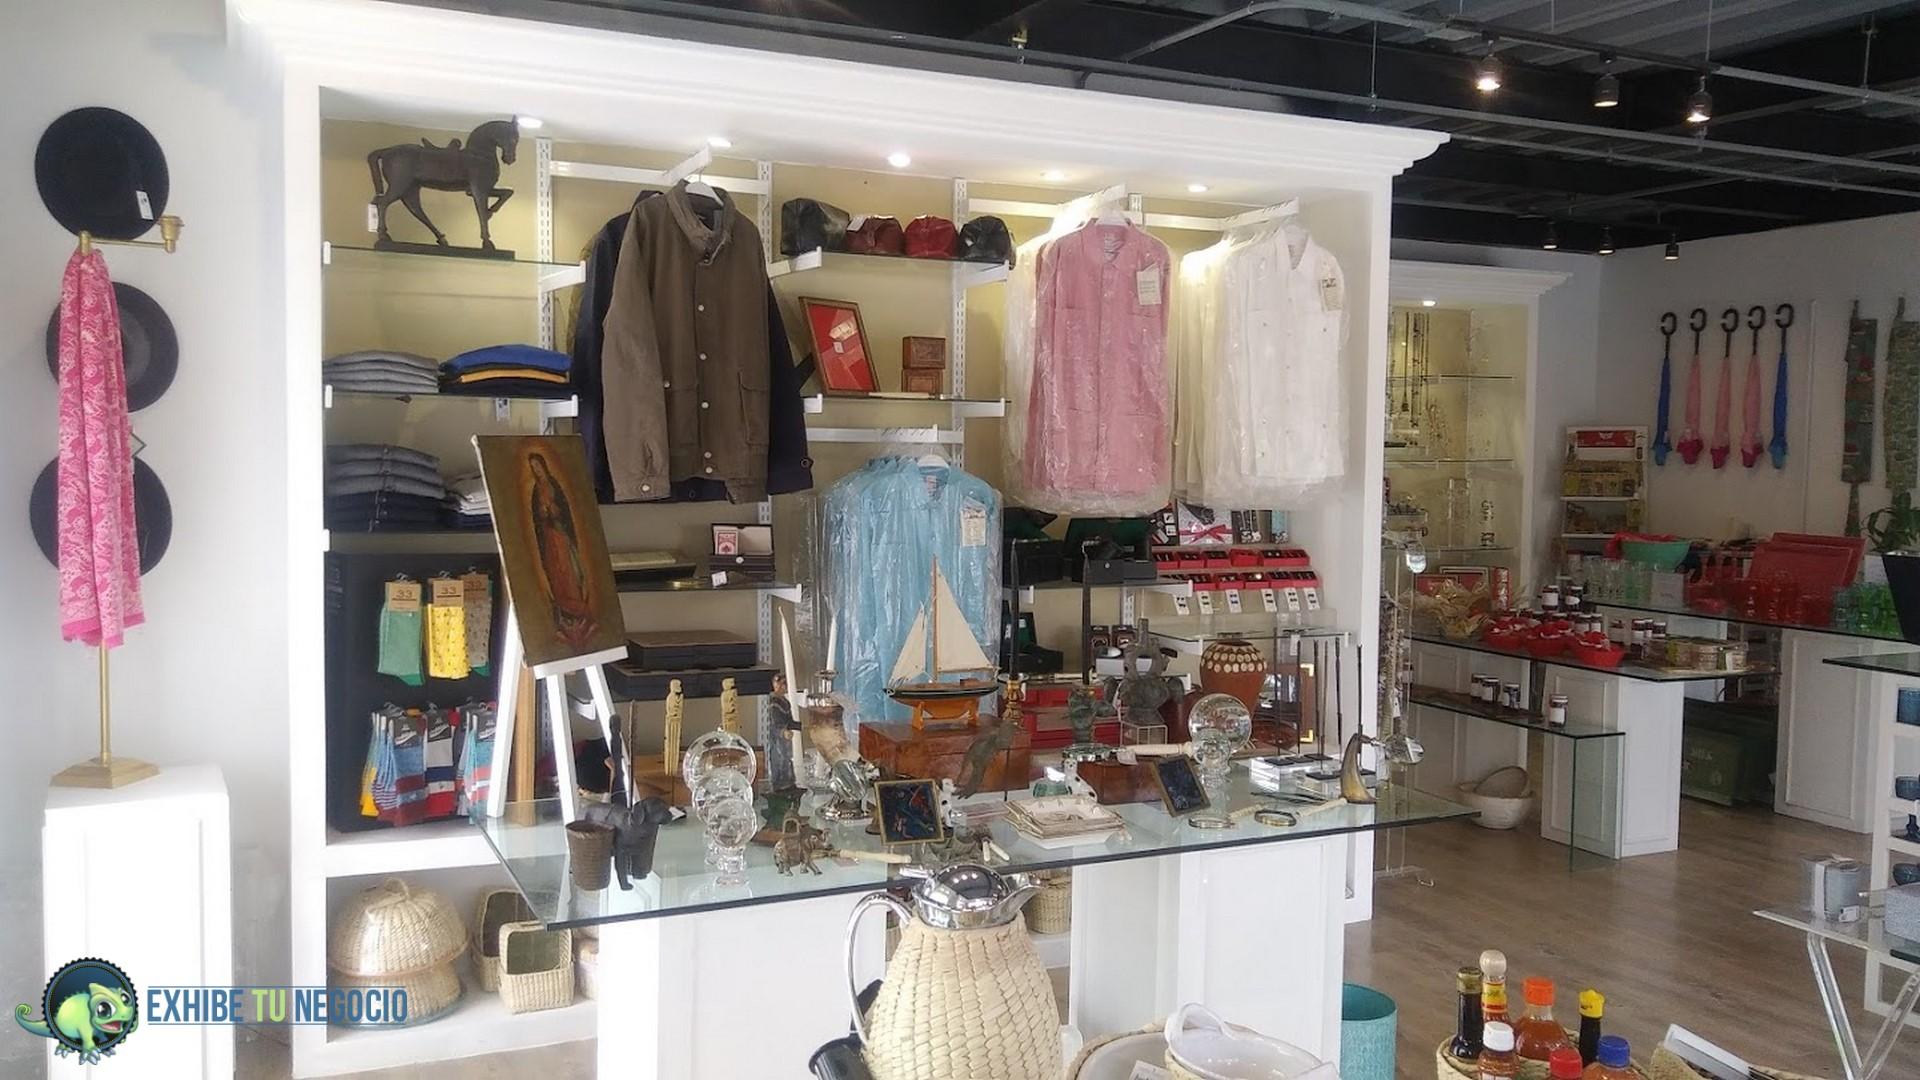 cremallera_tienda_ropa00